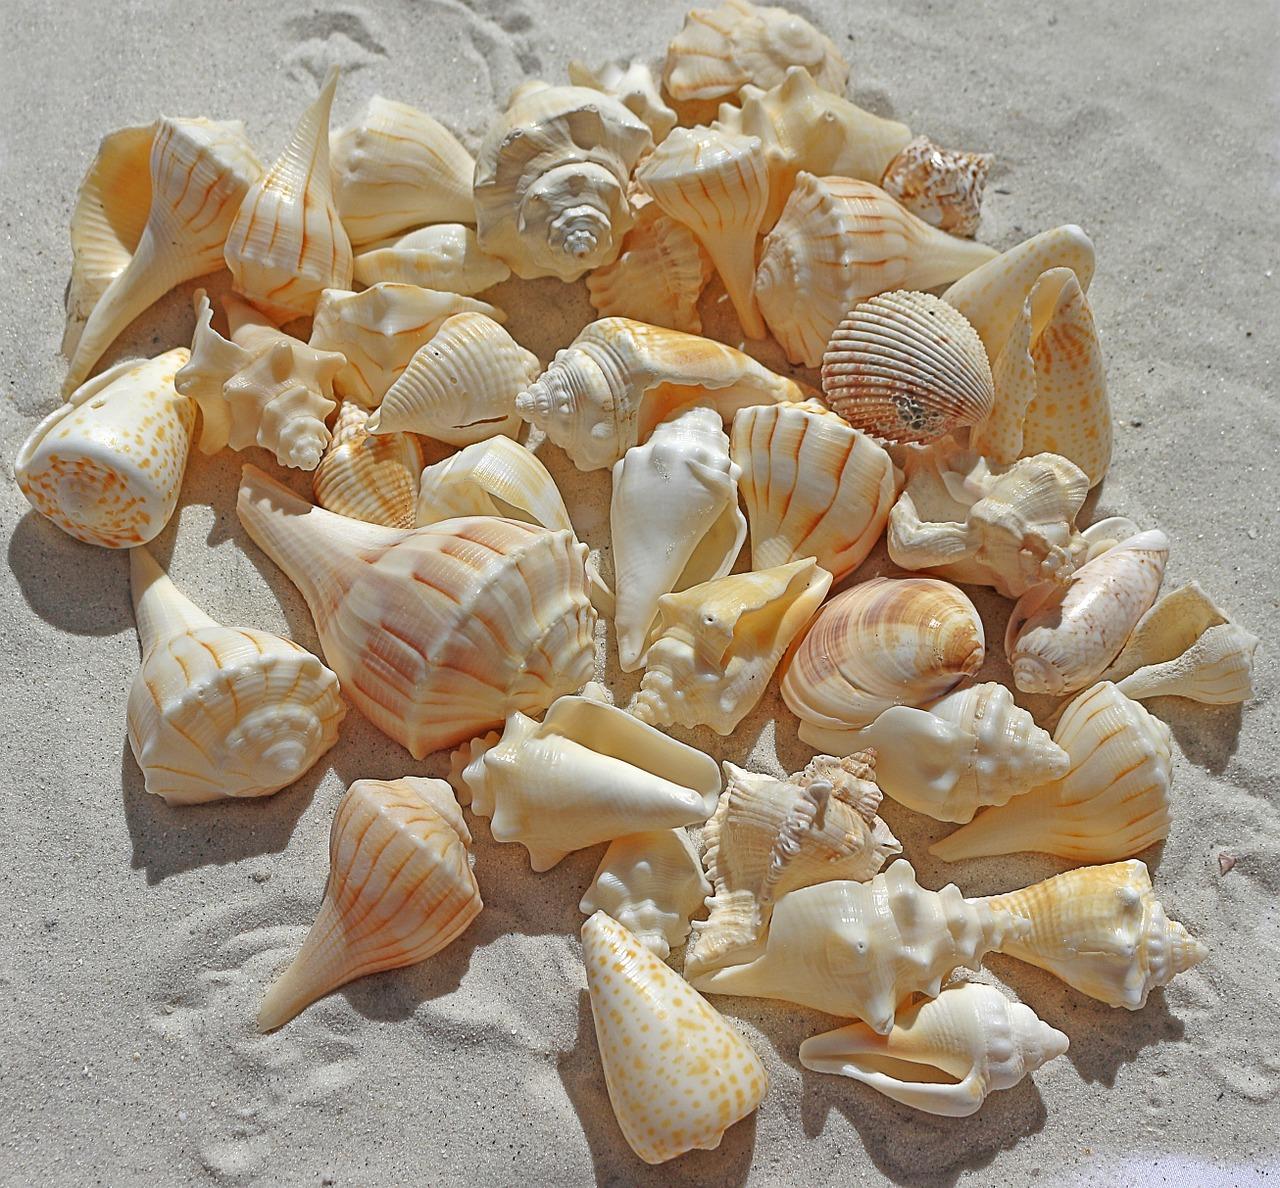 sea-shells-1235586_1280